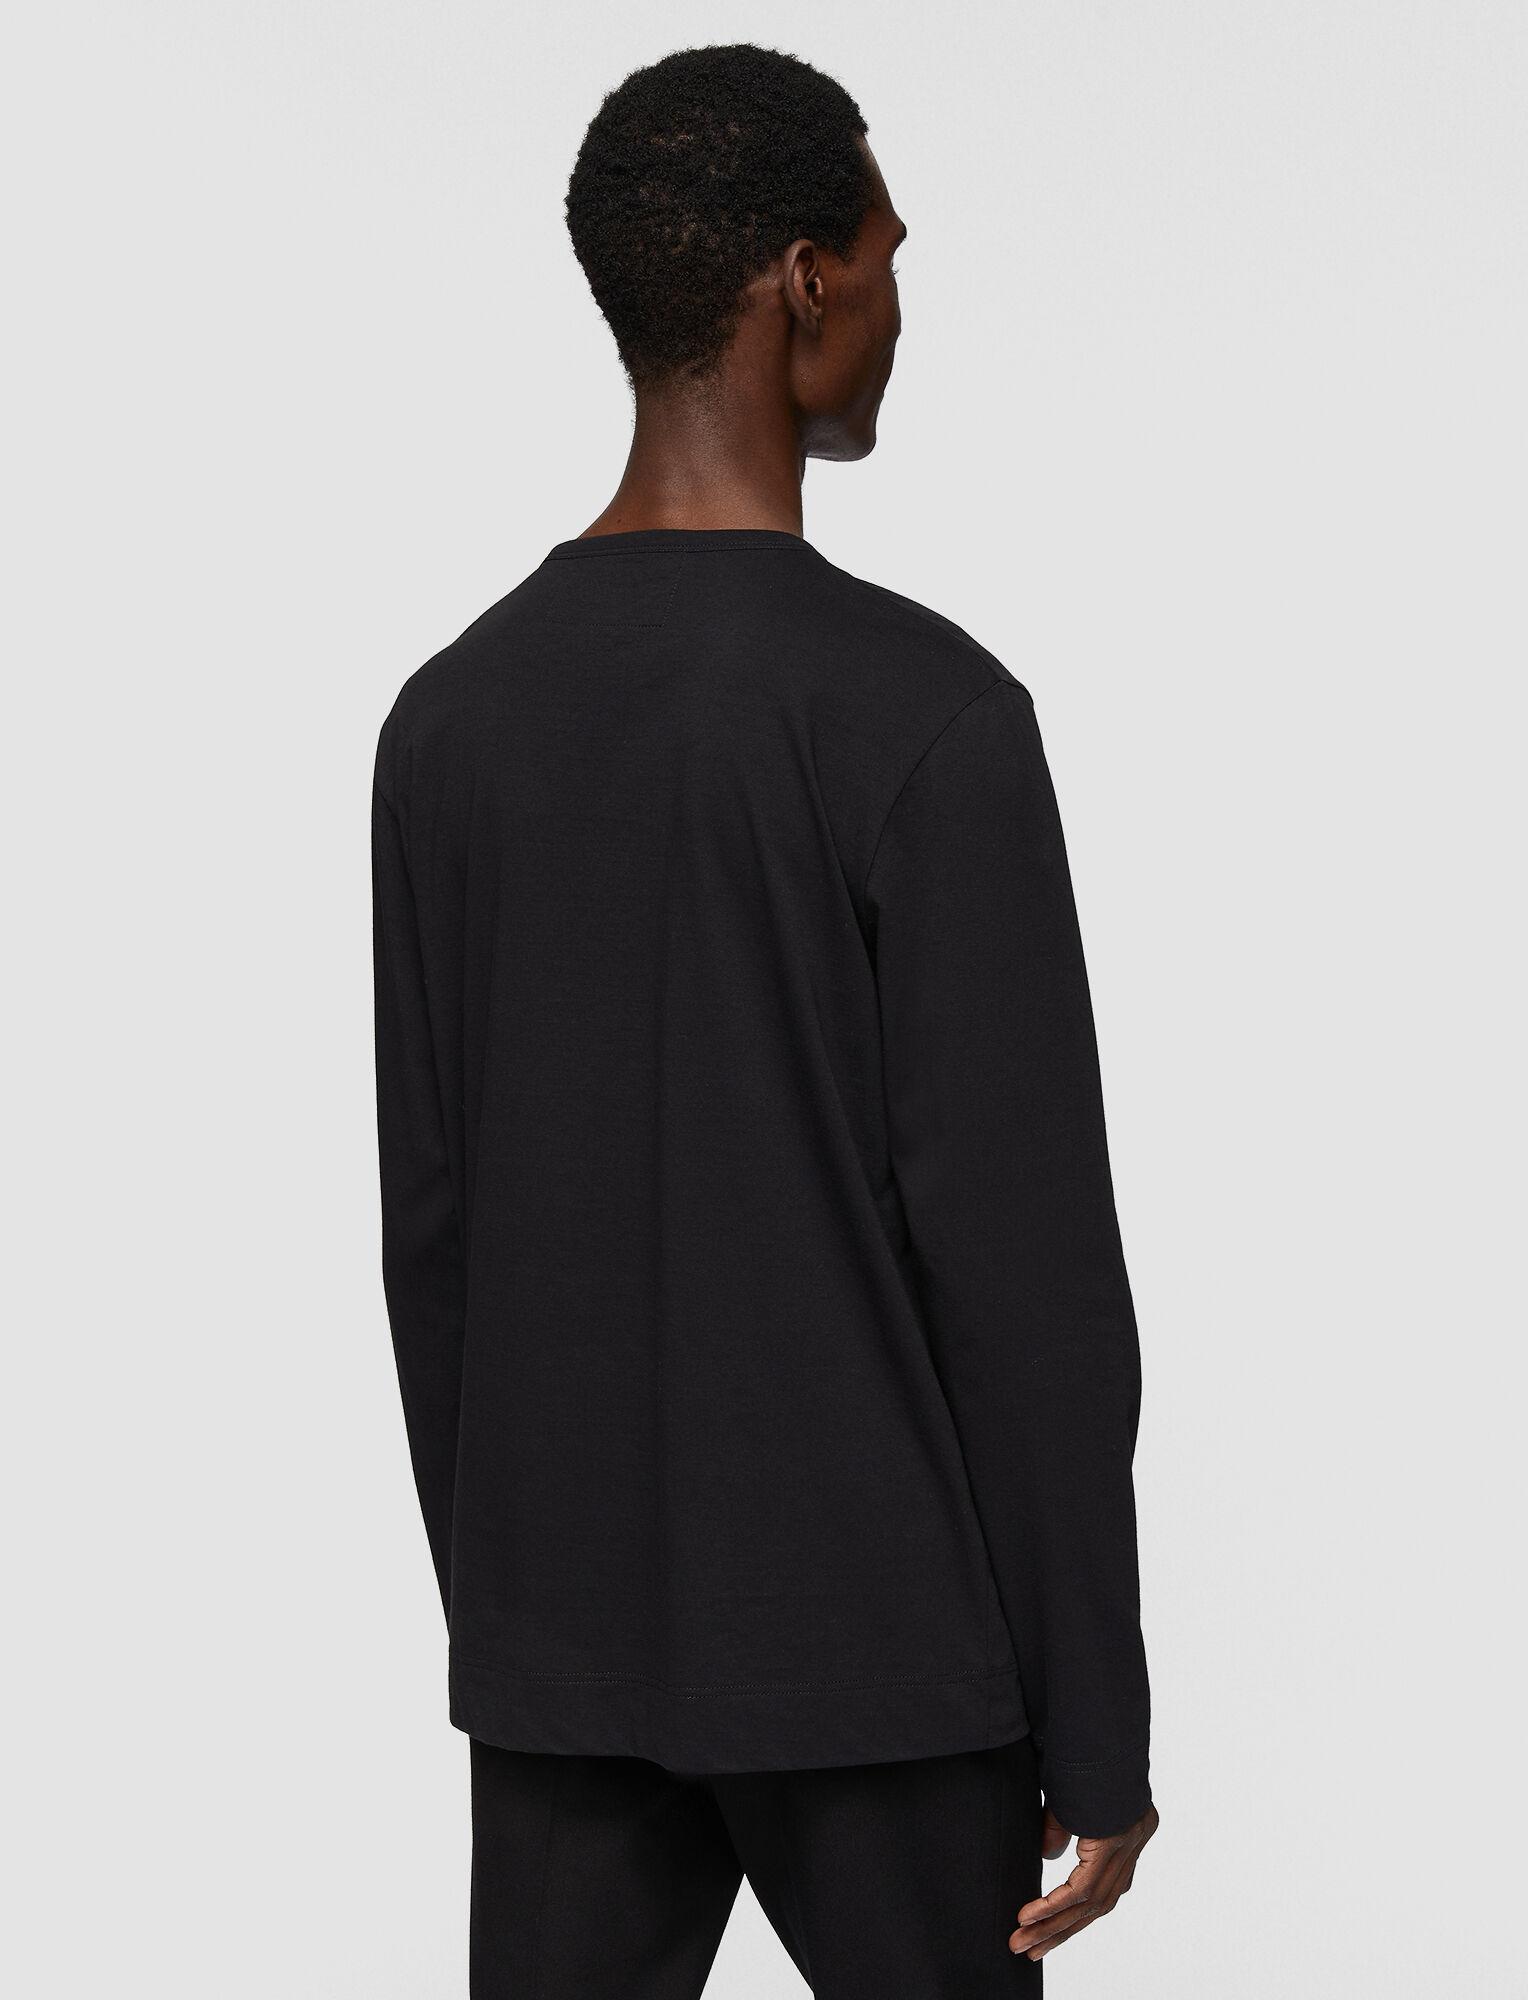 Joseph, Mercerized Jersey Top, in BLACK